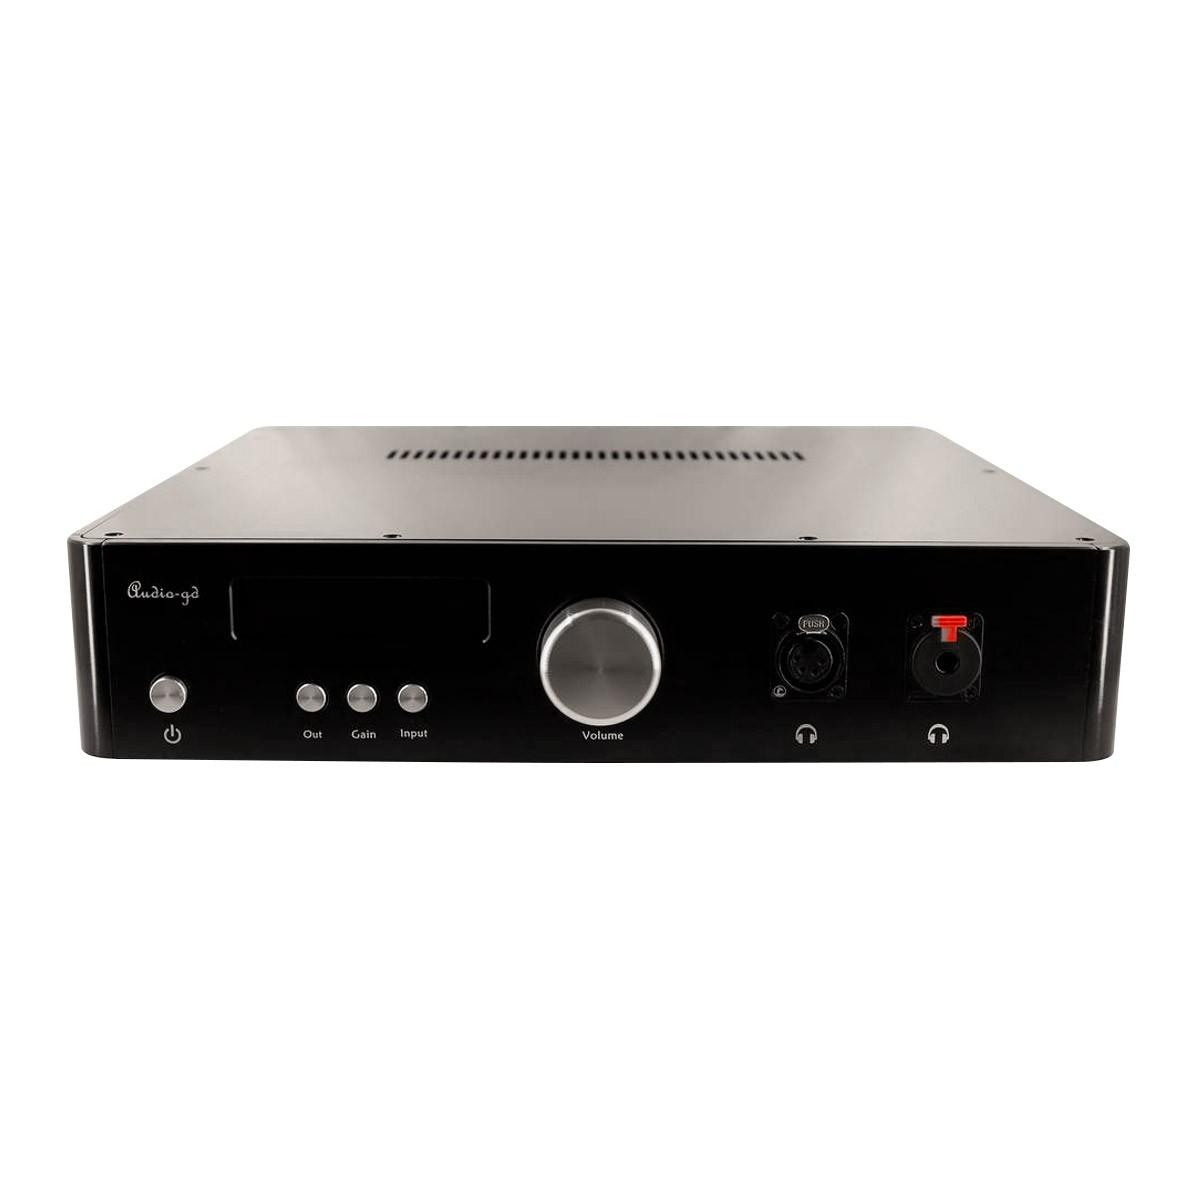 AUDIO-GD MASTER 19 Class A Balanced Preamplifier Headphone Amplifier ACSS